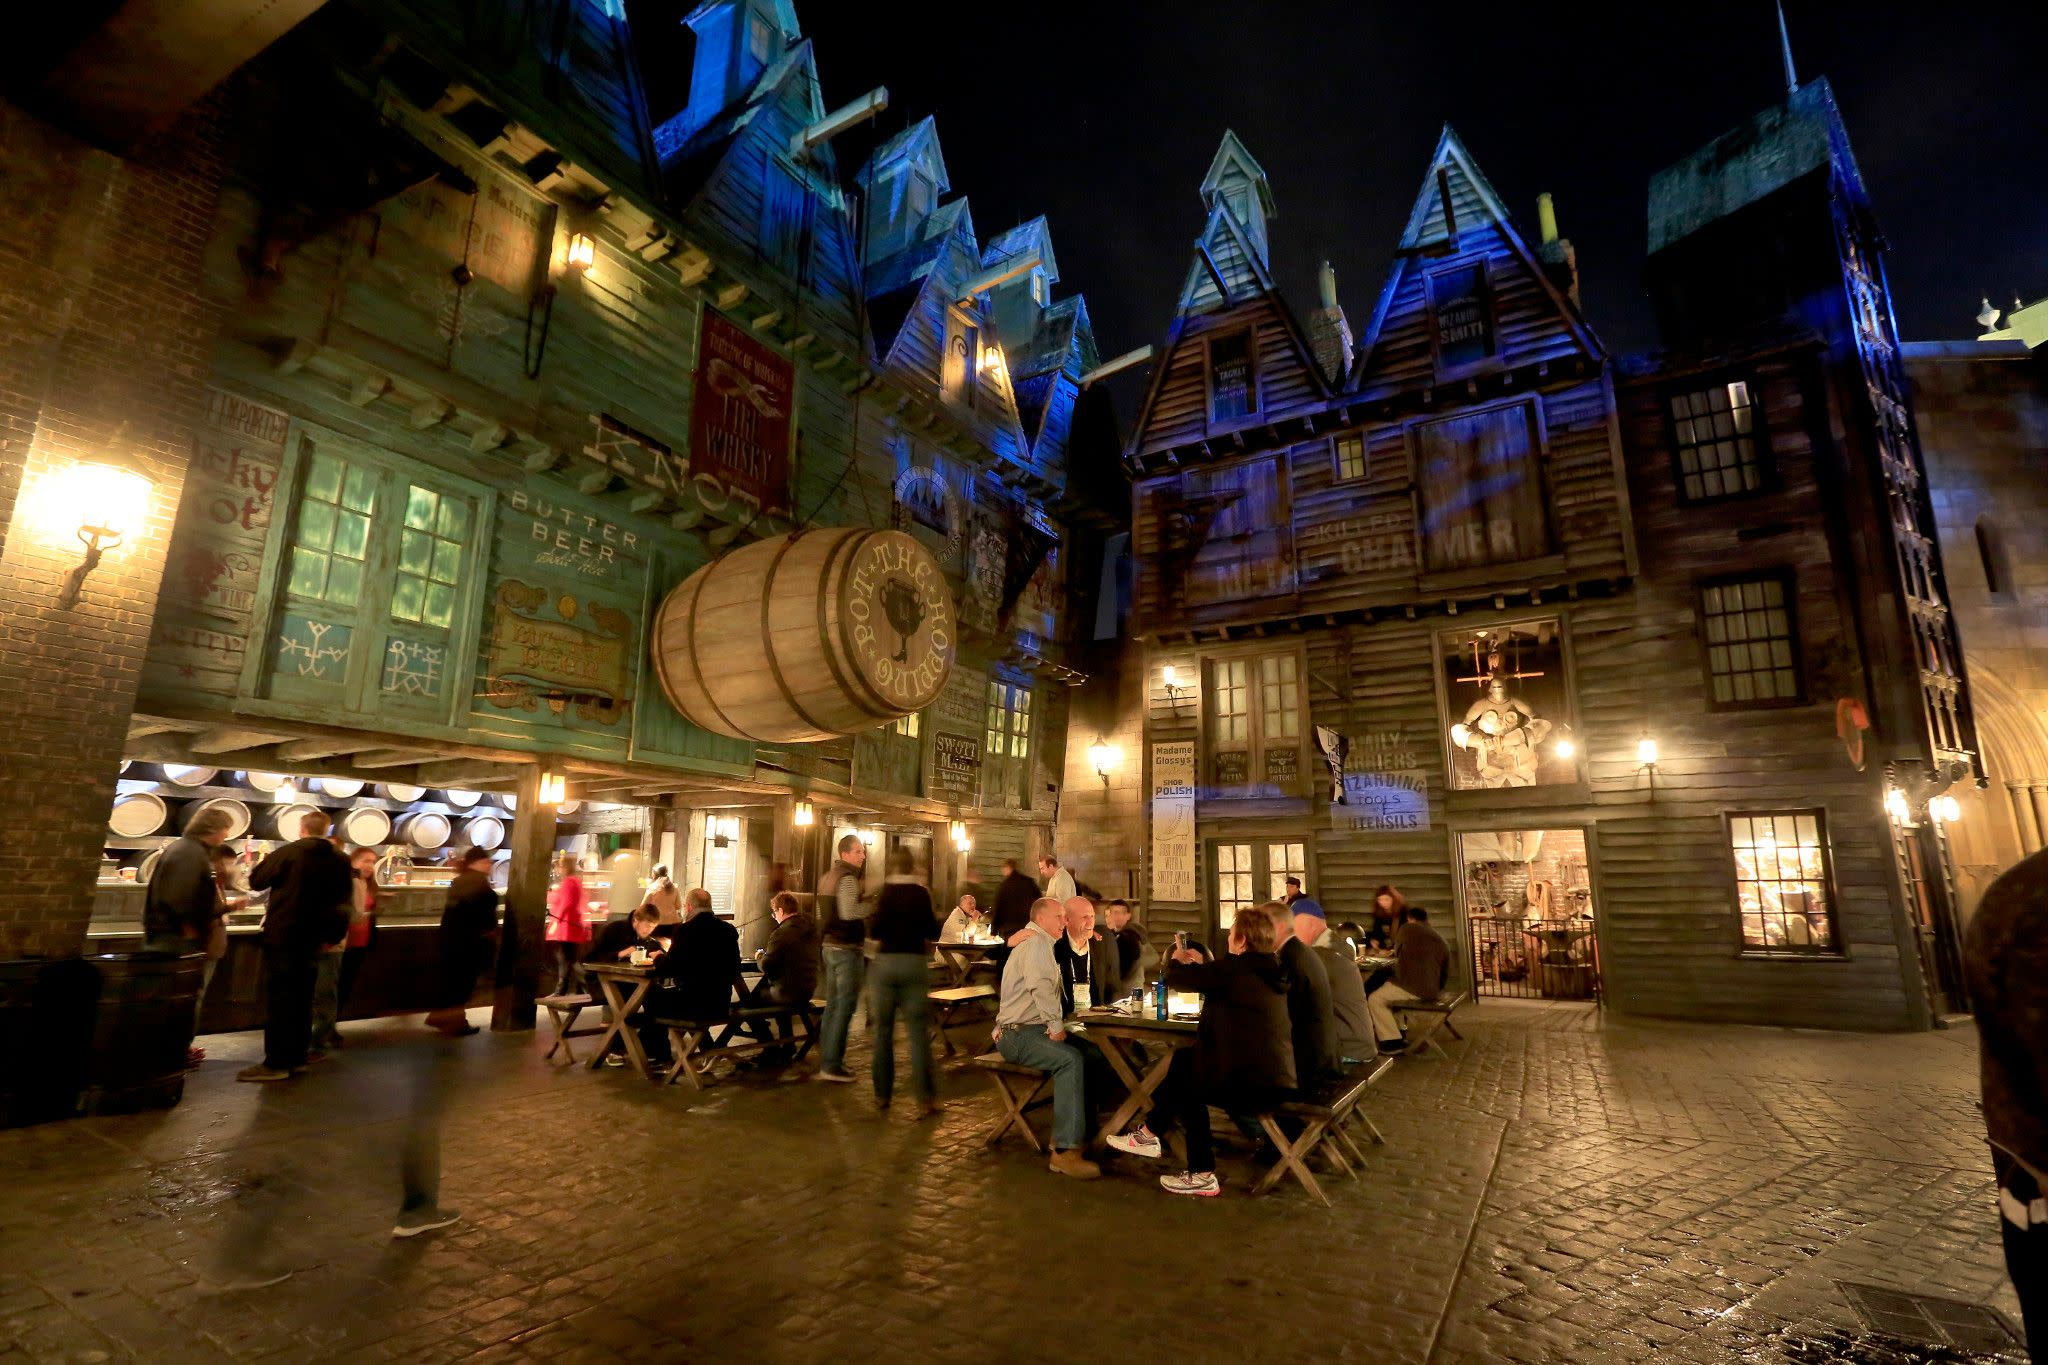 Diagon Alley at Universal Studios Florida in Orlando